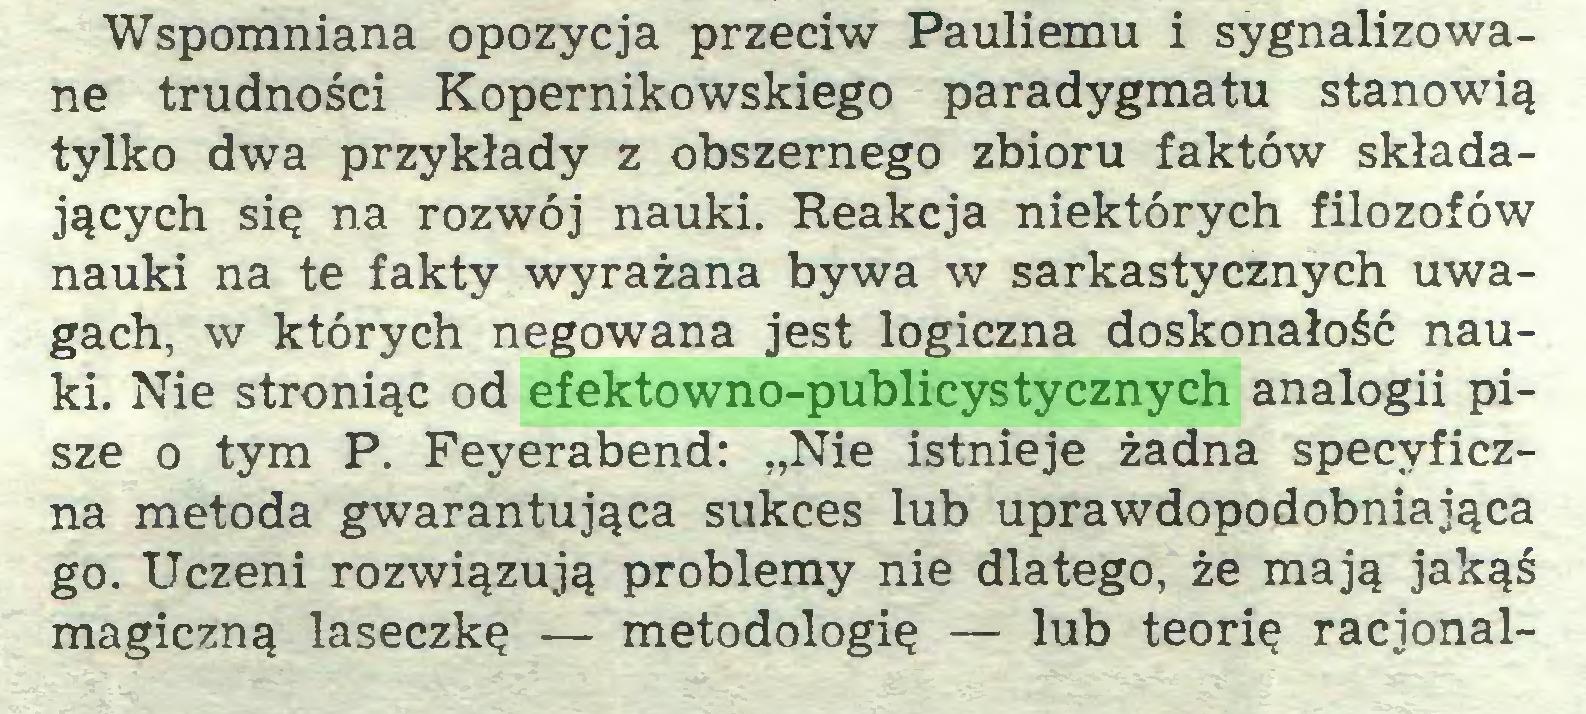 """(...) Wspomniana opozycja przeciw Pauliemu i sygnalizowane trudności Kopernikowskiego paradygmatu stanowią tylko dwa przykłady z obszernego zbioru faktów składających się na rozwój nauki. Reakcja niektórych filozofów nauki na te fakty wyrażana bywa w sarkastycznych uwagach, w których negowana jest logiczna doskonałość nauki. Nie stroniąc od efektowno-publicystycznych analogii pisze o tym P. Feyerabend: """"Nie istnieje żadna specyficzna metoda gwarantująca sukces lub uprawdopodobniająca go. Uczeni rozwiązują problemy nie dlatego, że mają jakąś magiczną laseczkę — metodologię — lub teorię racjonal..."""